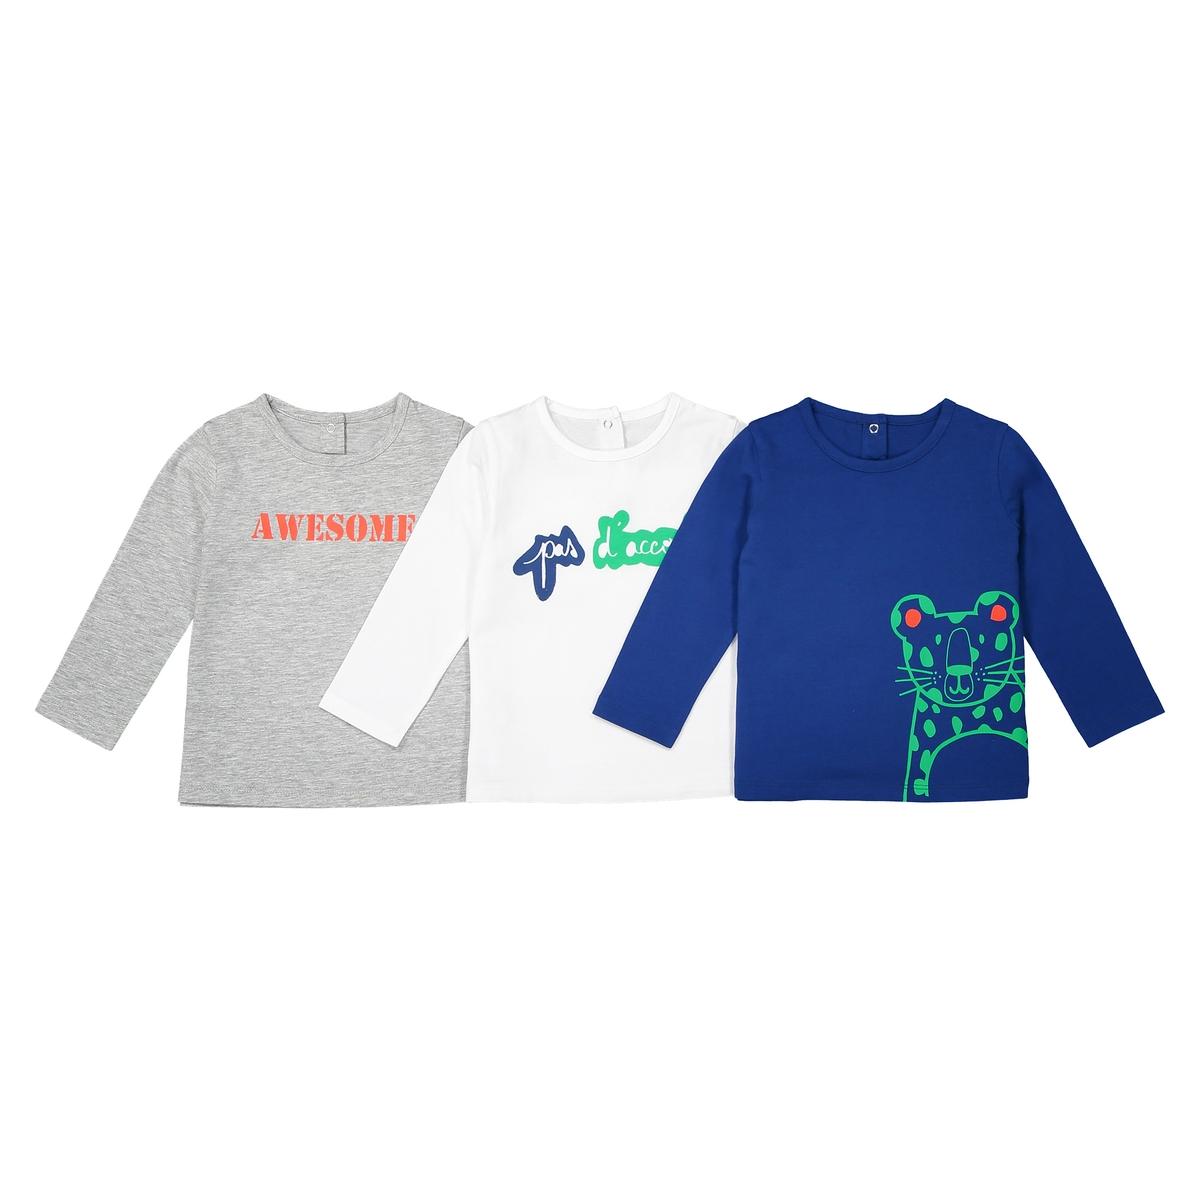 Комплект из 3 футболок с длинными рукавами - 1 мес. - 3 годаОписание:Детали •  Длинные рукава •  Круглый вырез •  Рисунок спередиСостав и уход •  100% хлопок •  Стирать при 40° •  Сухая чистка и отбеливание запрещены • Барабанная сушка на умеренном режиме •  Низкая температура глажкиТоварный знак Oeko-Tex® . Знак Oeko-Tex® гарантирует, что товары прошли проверку и были изготовлены без применения вредных для здоровья человека веществ.<br><br>Цвет: белый + синий + темно-серый<br>Размер: 1 мес. - 54 см.1 год - 74 см